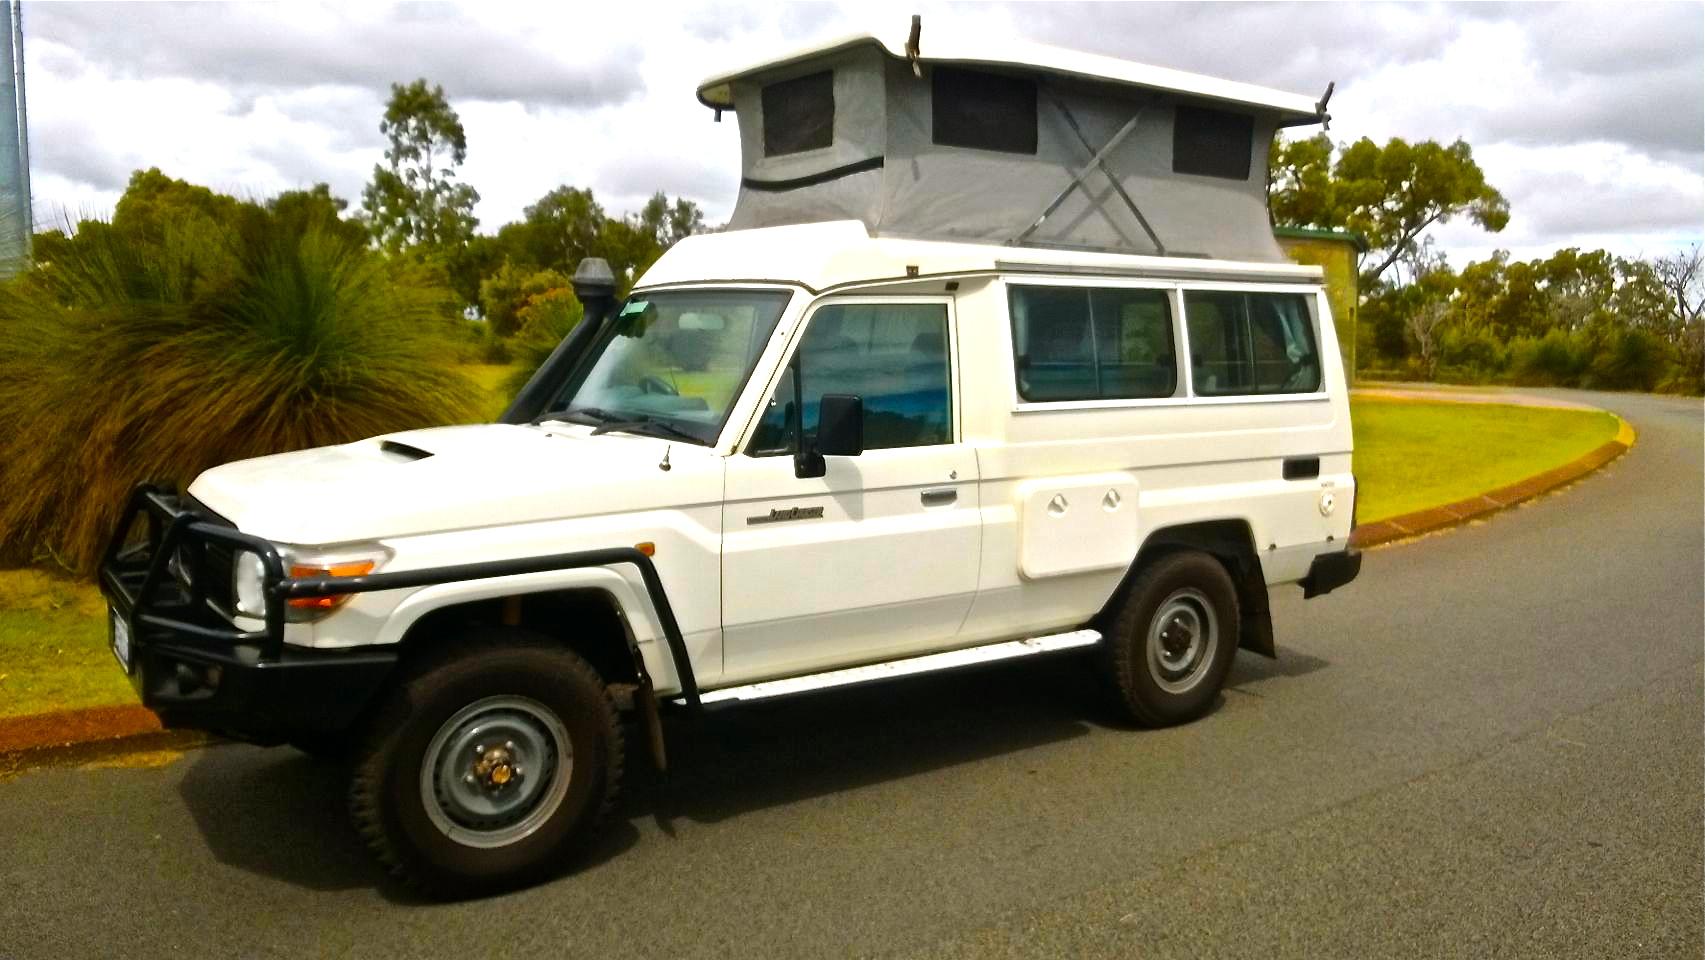 4WD Toyota Bushcamper